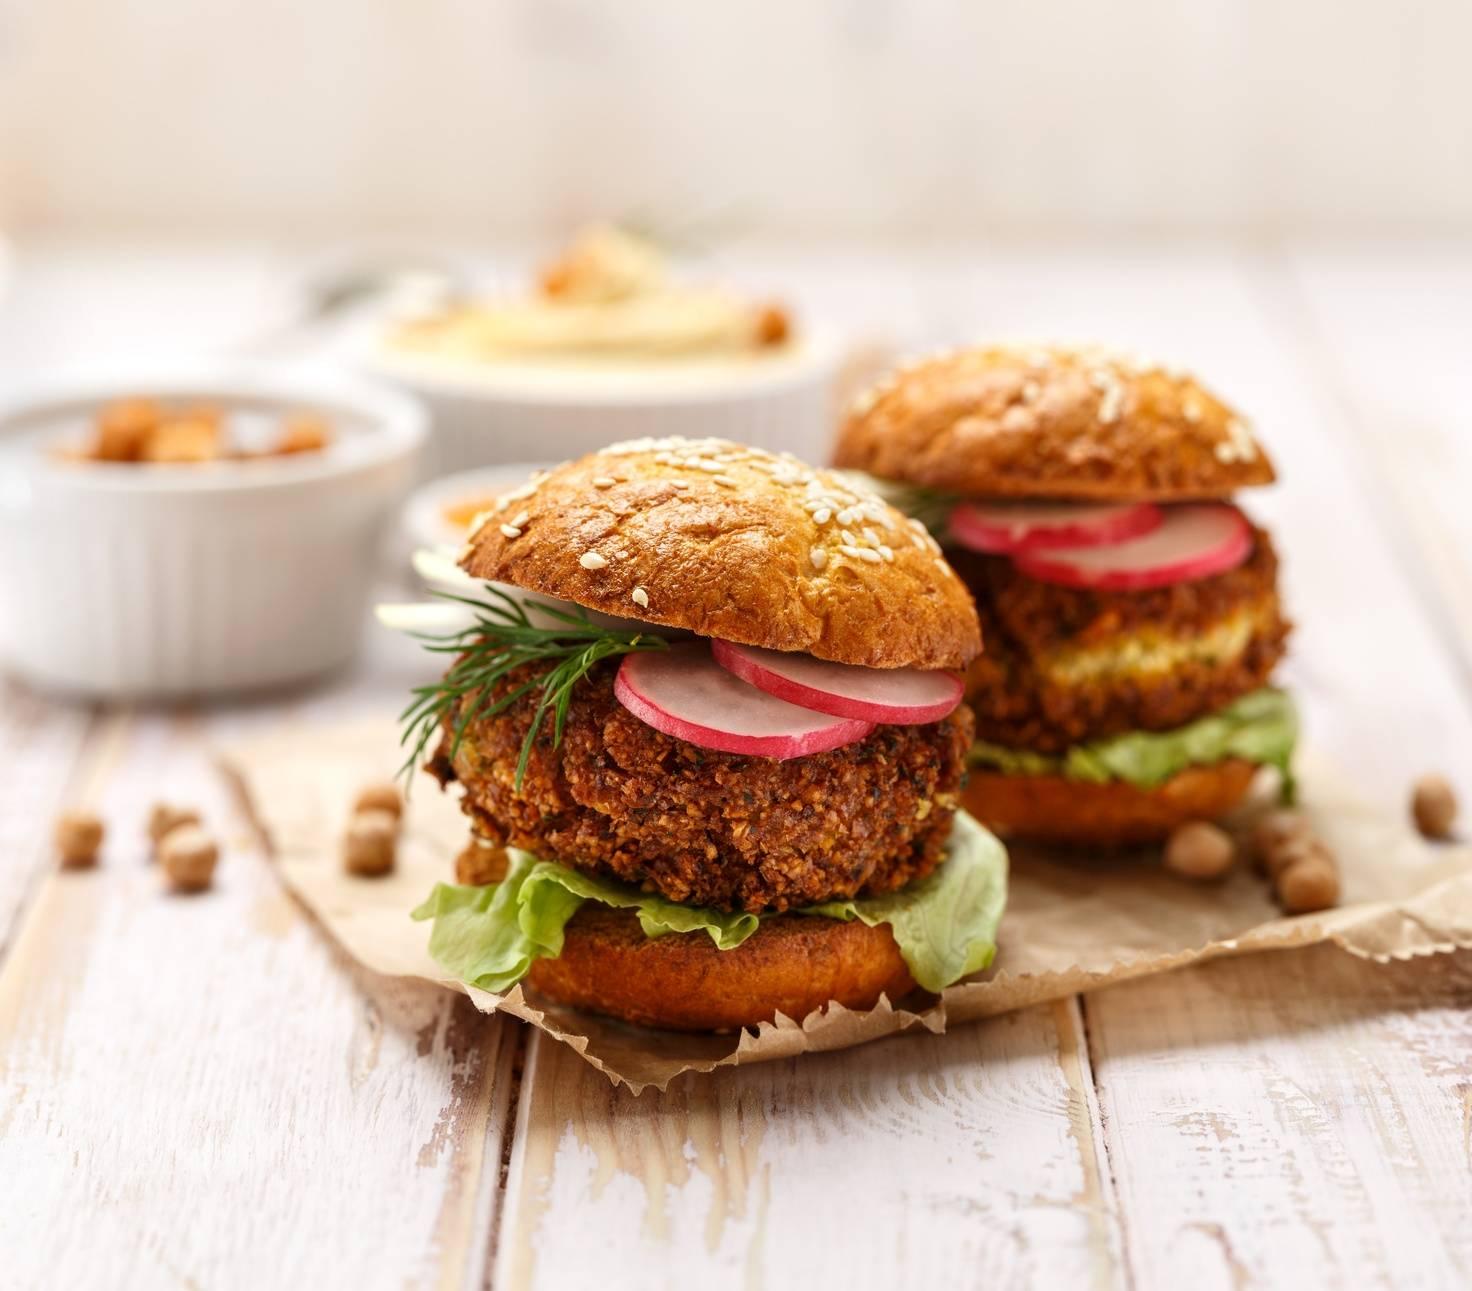 Sprawdź przepis na wegański burger z ciecierzycy. Zobacz jak przygotować wegańskie smakołyki dla mięsożerców np. burger wegański z cieciorki.